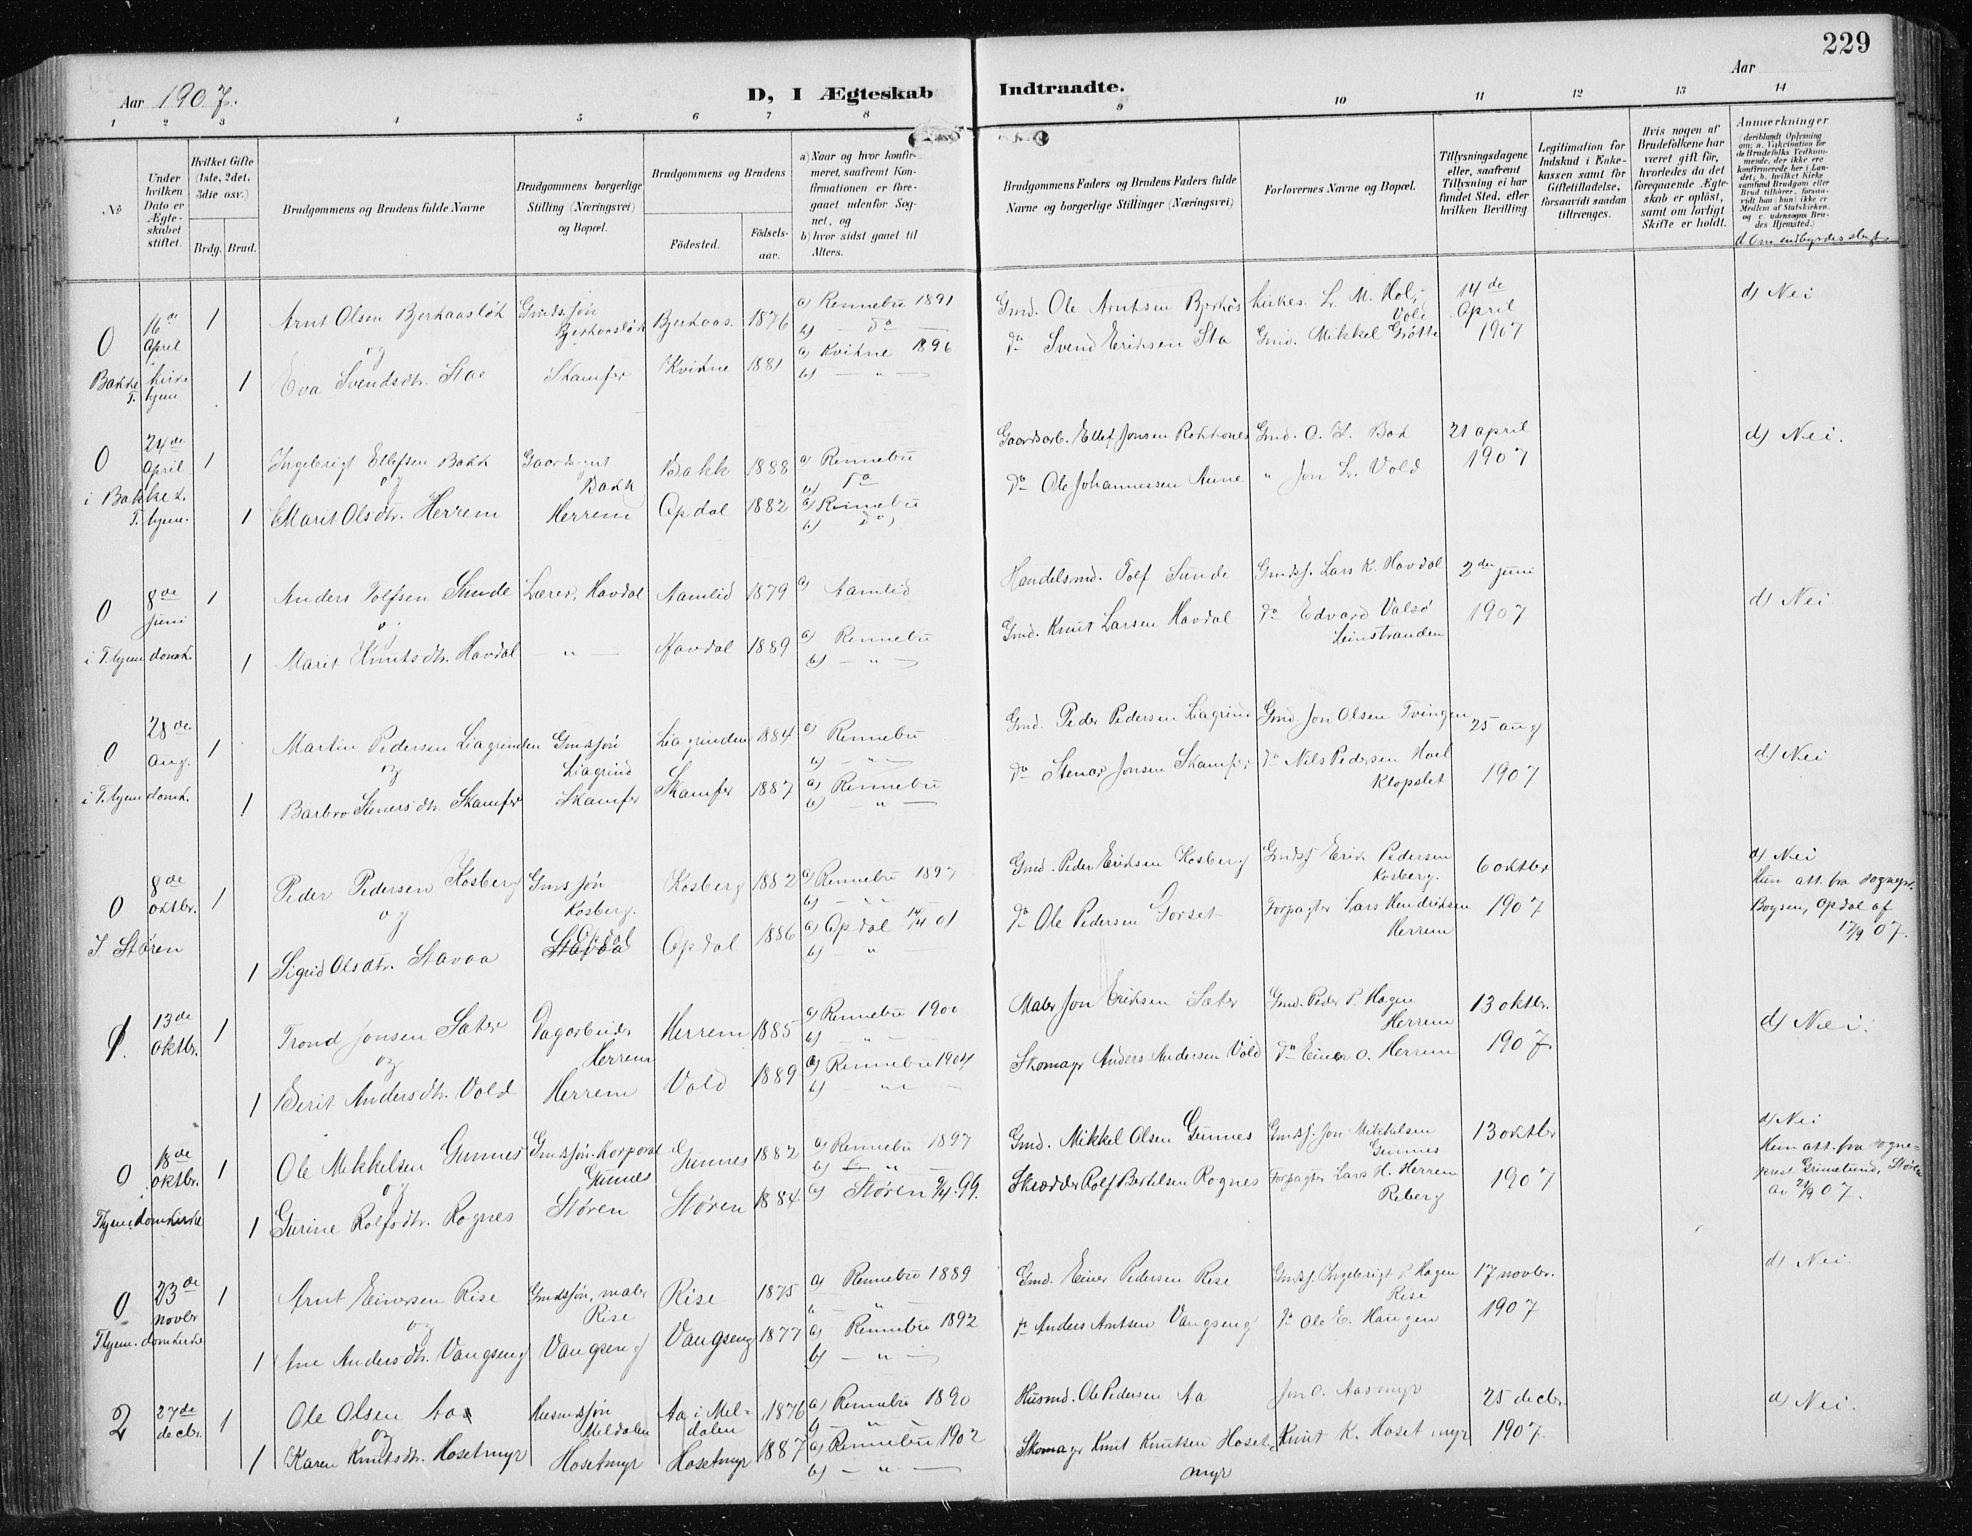 SAT, Ministerialprotokoller, klokkerbøker og fødselsregistre - Sør-Trøndelag, 674/L0876: Klokkerbok nr. 674C03, 1892-1912, s. 229